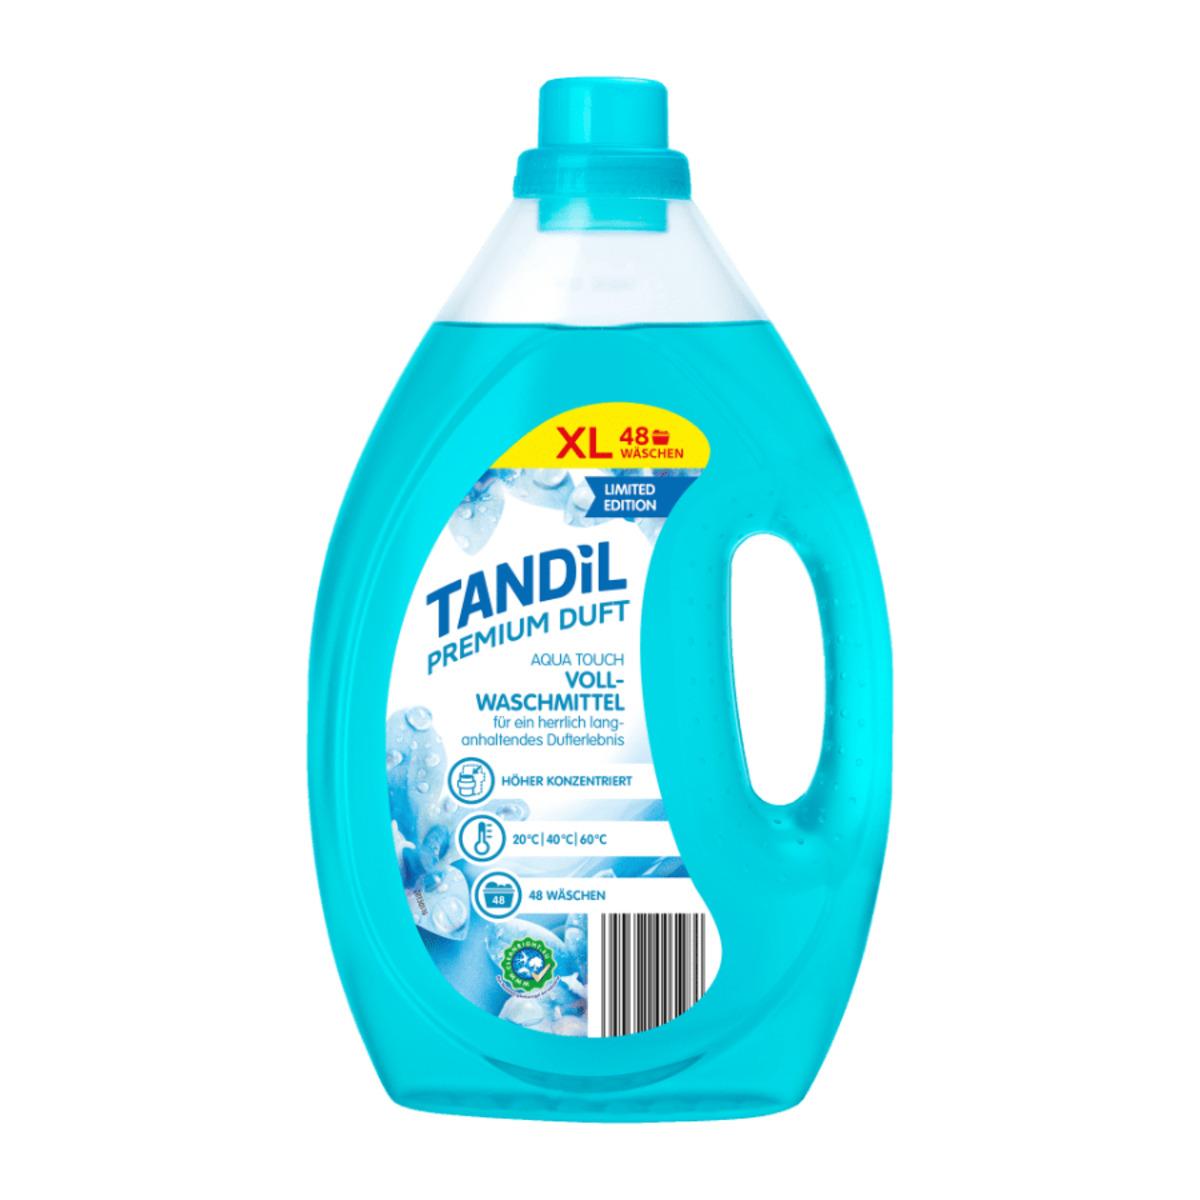 Bild 2 von TANDIL     Flüssigwaschmittel XL